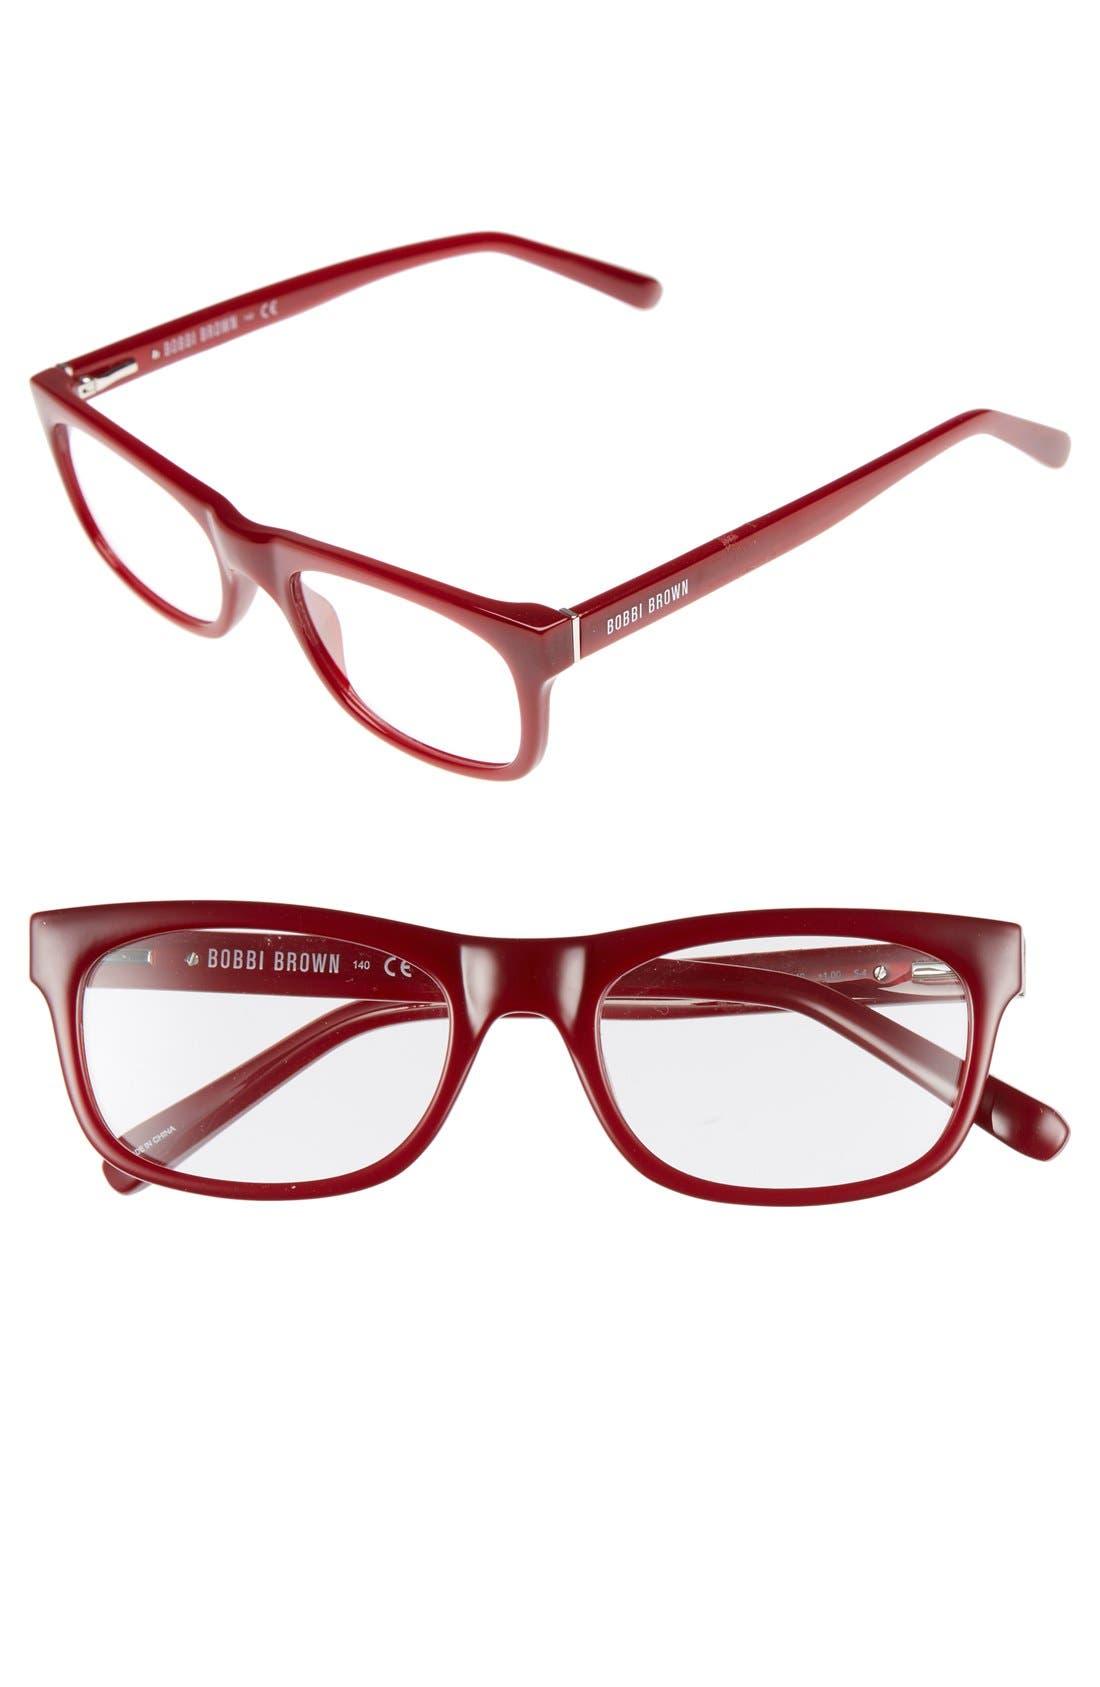 Alternate Image 1 Selected - Bobbi Brown The Soho 50mm Reading Glasses